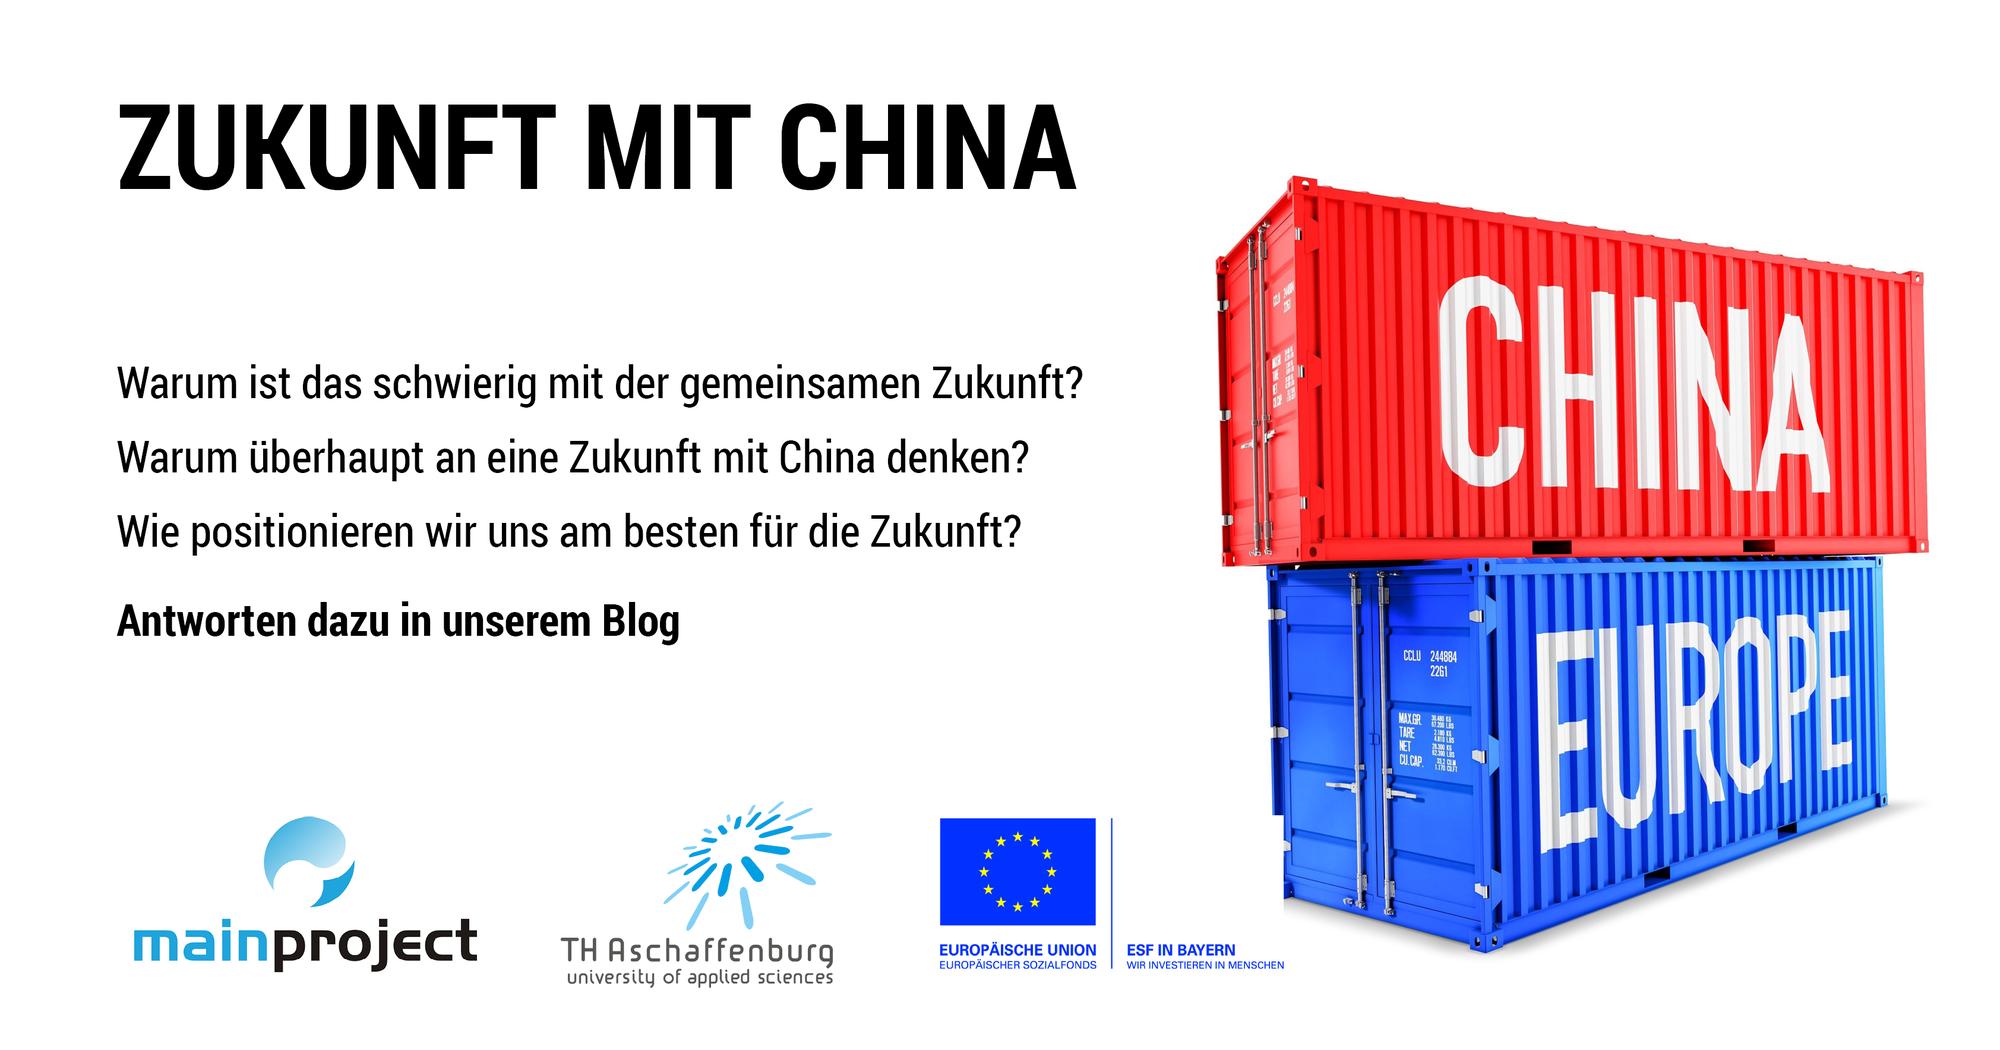 Zukunft mit China